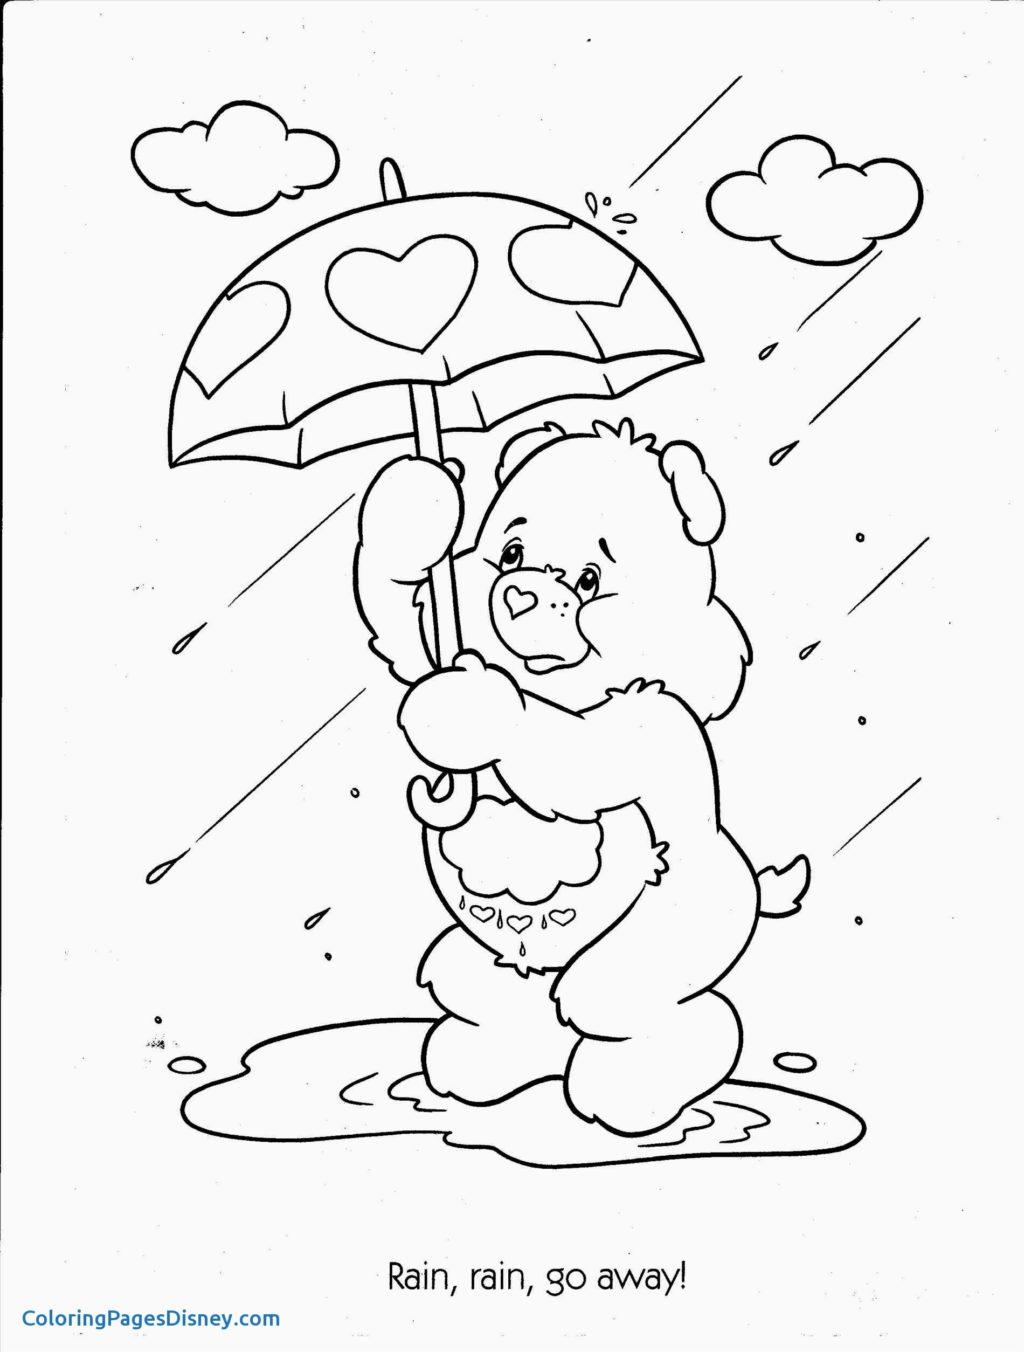 Worksheet Worksheet Coloring For Kids Preschool Rainy